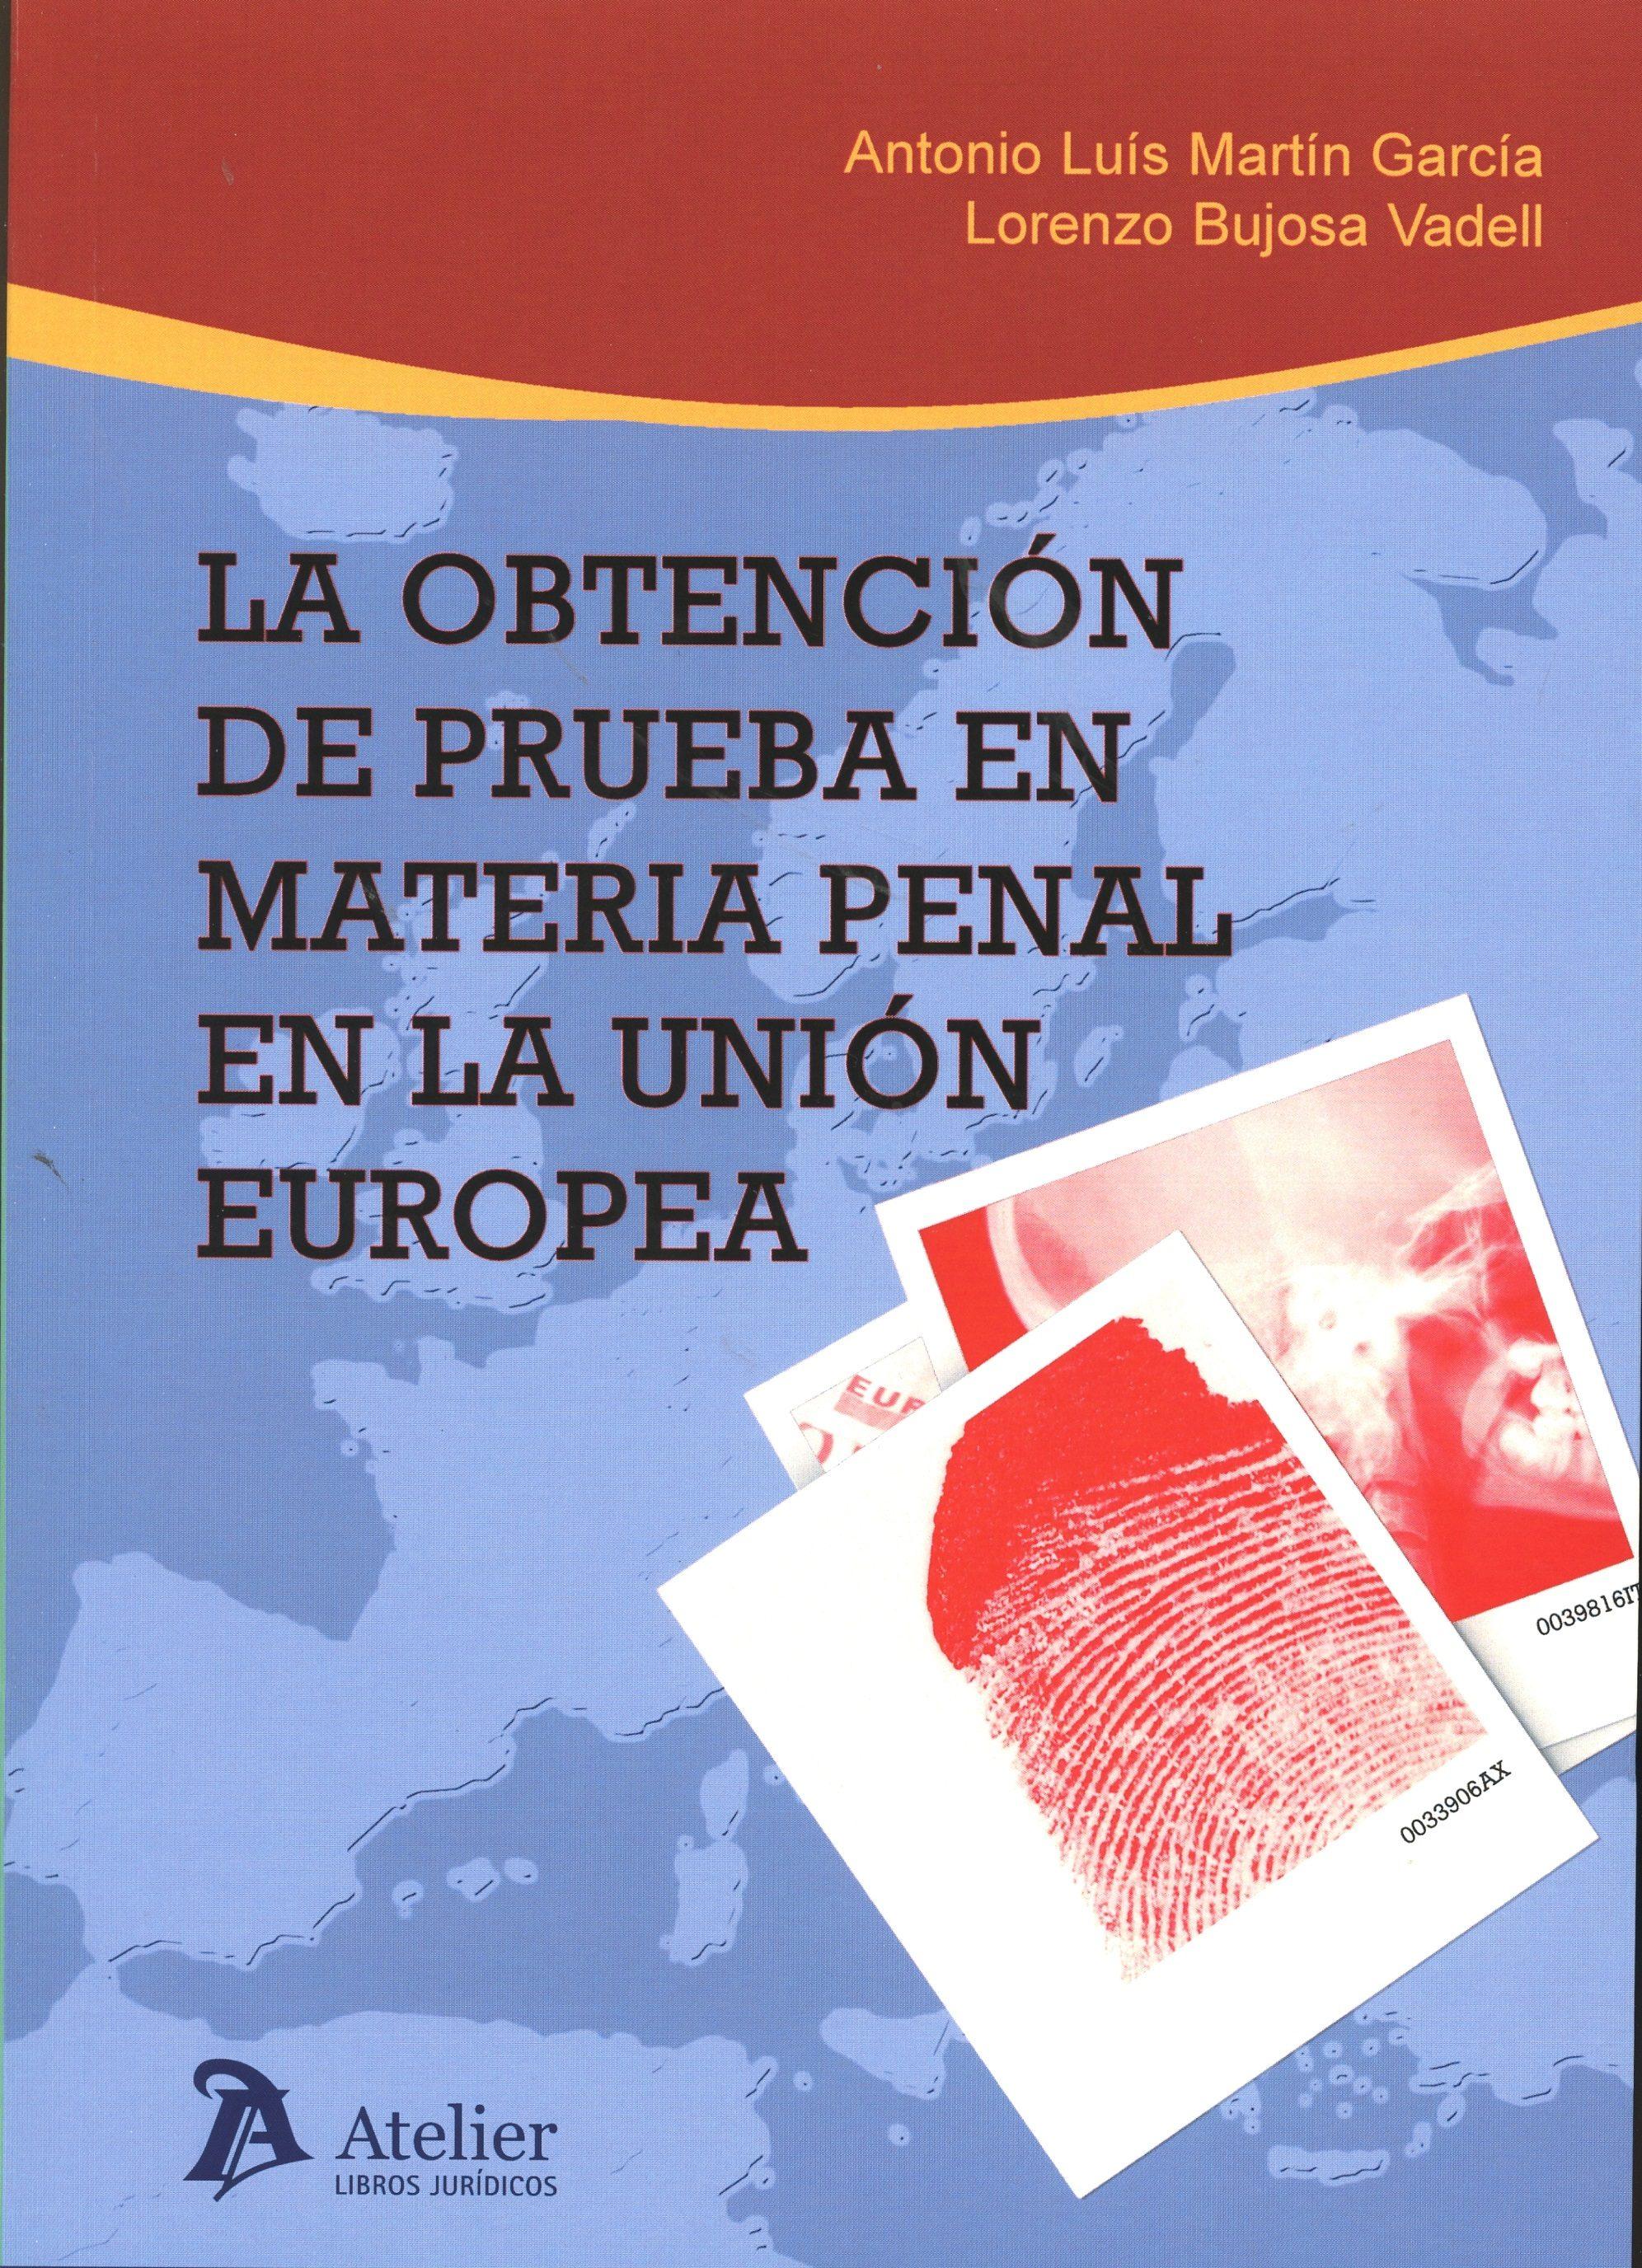 La Obtención De Prueba En Materia Penal En La Unión Europea - Martin Garcia Antonio Luis